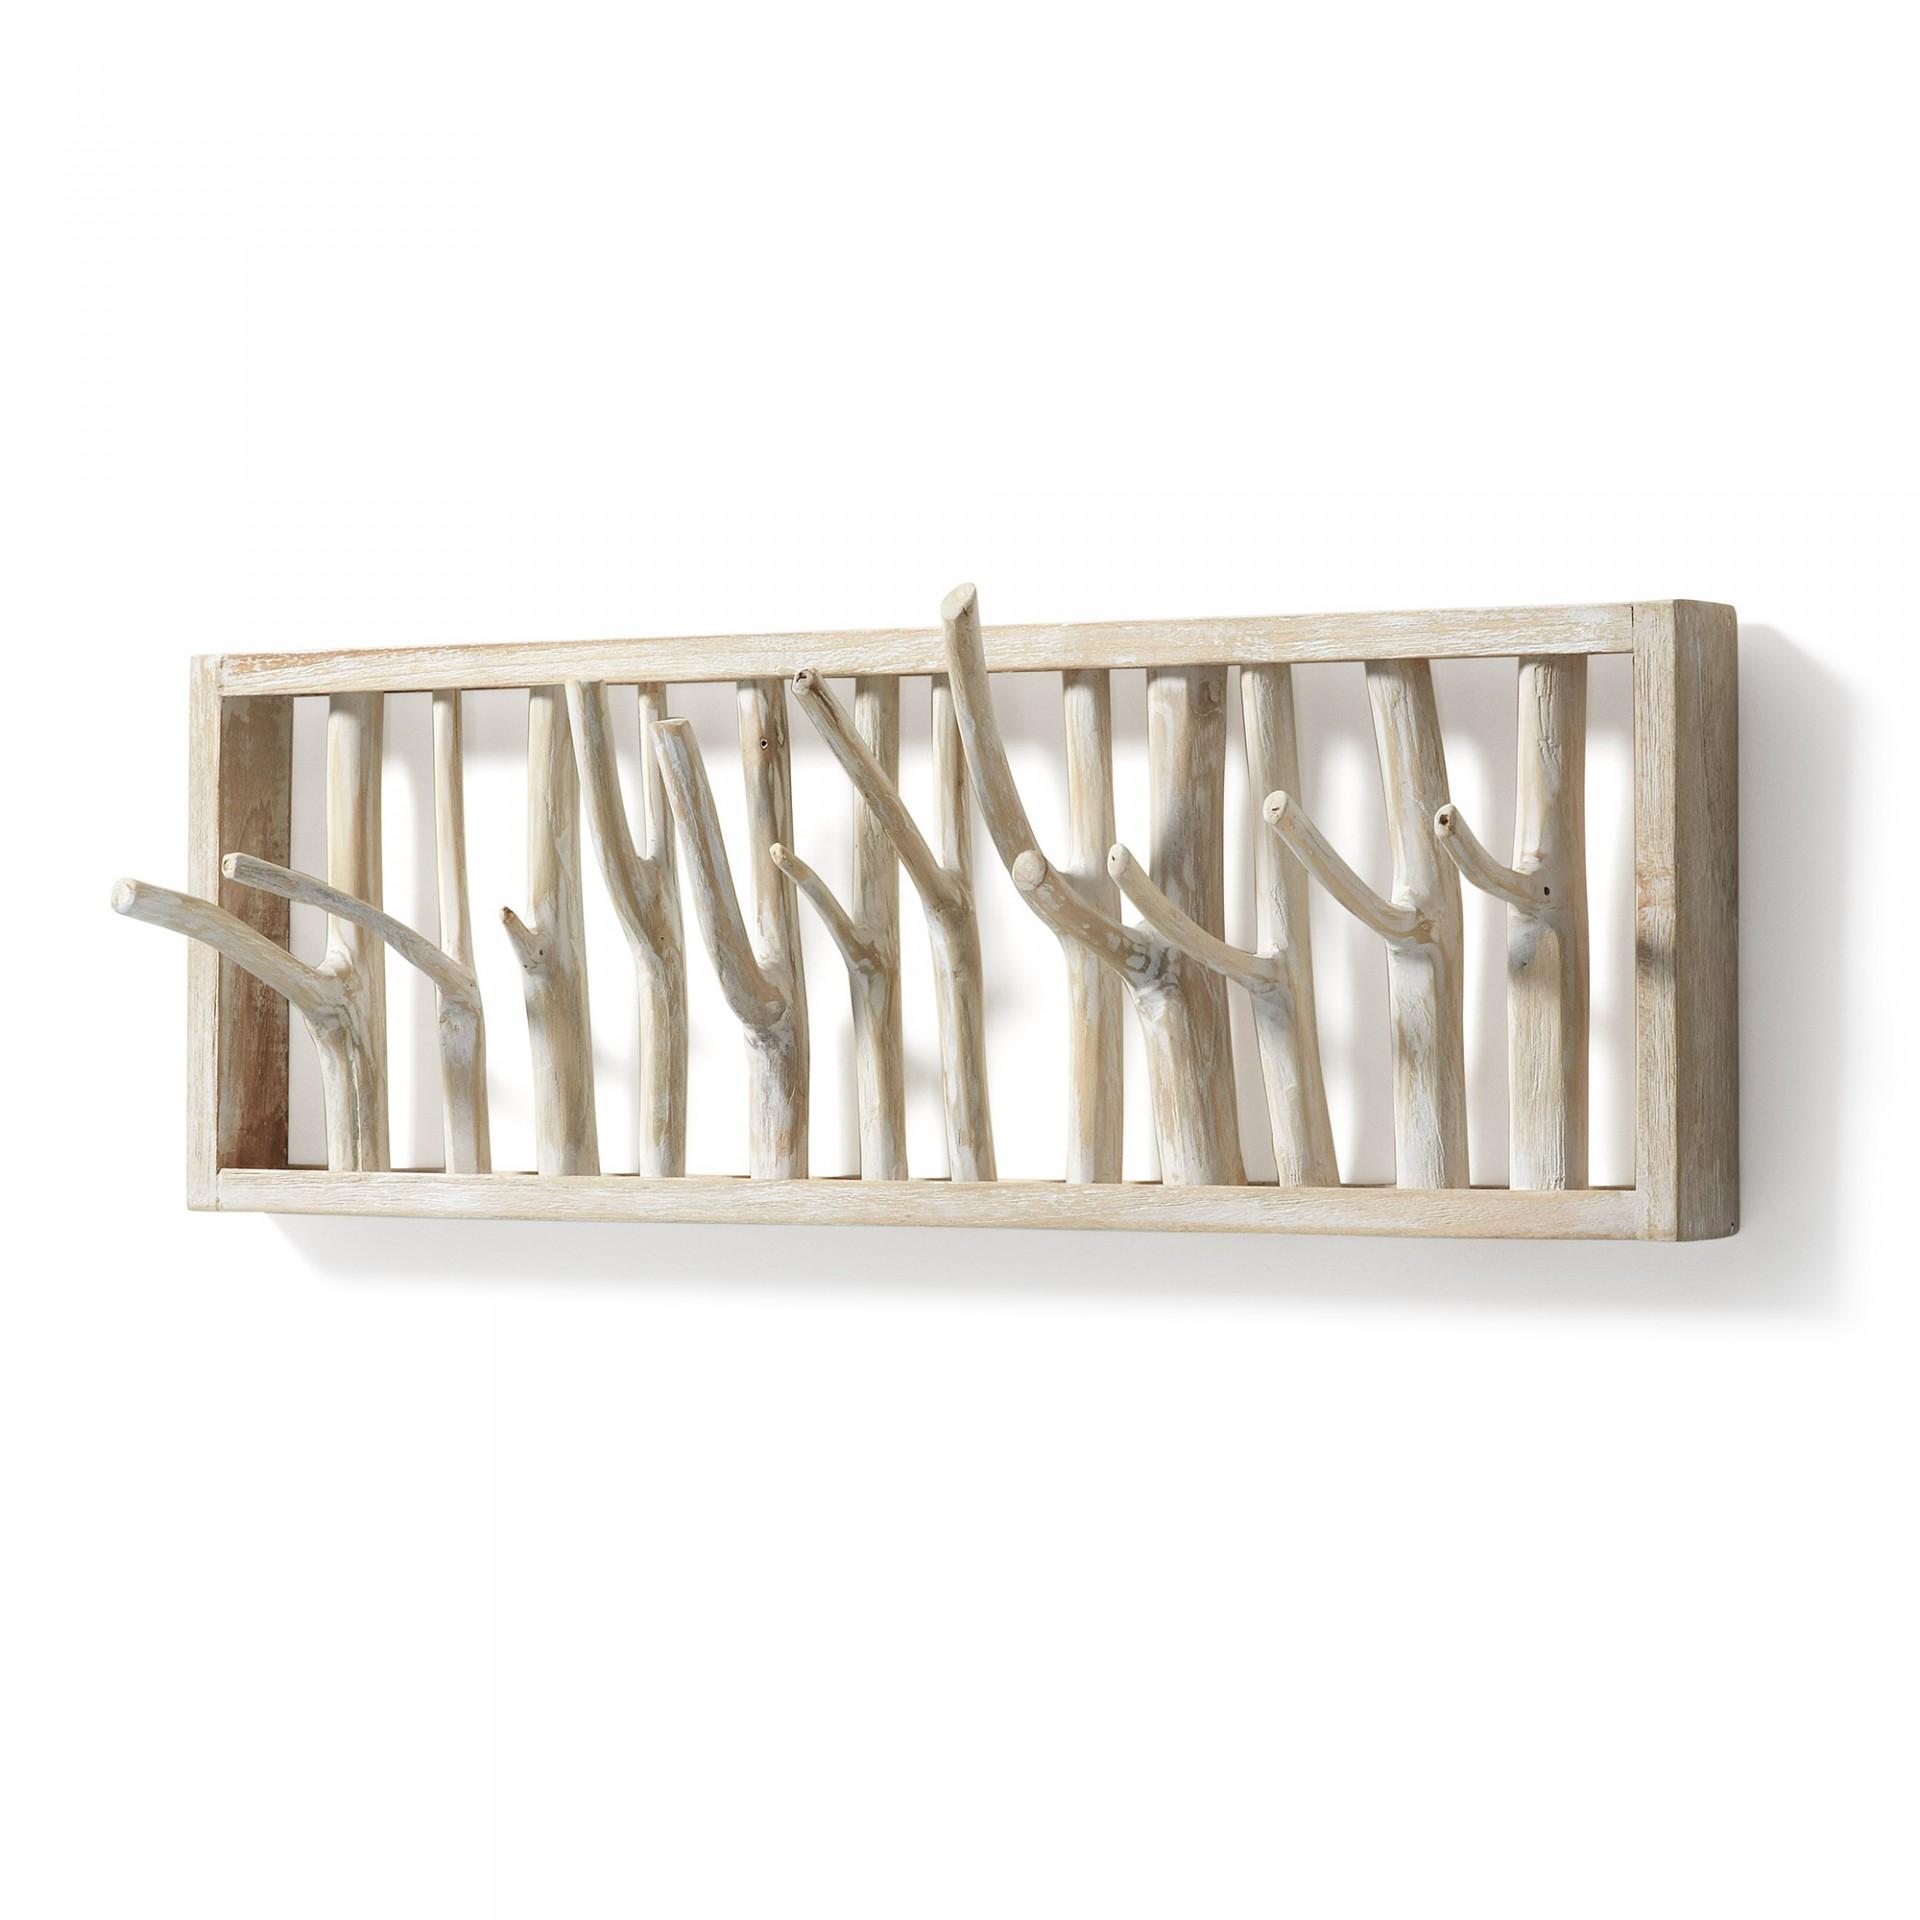 Cabide de parede Munt, ramos de madeira, 60x20